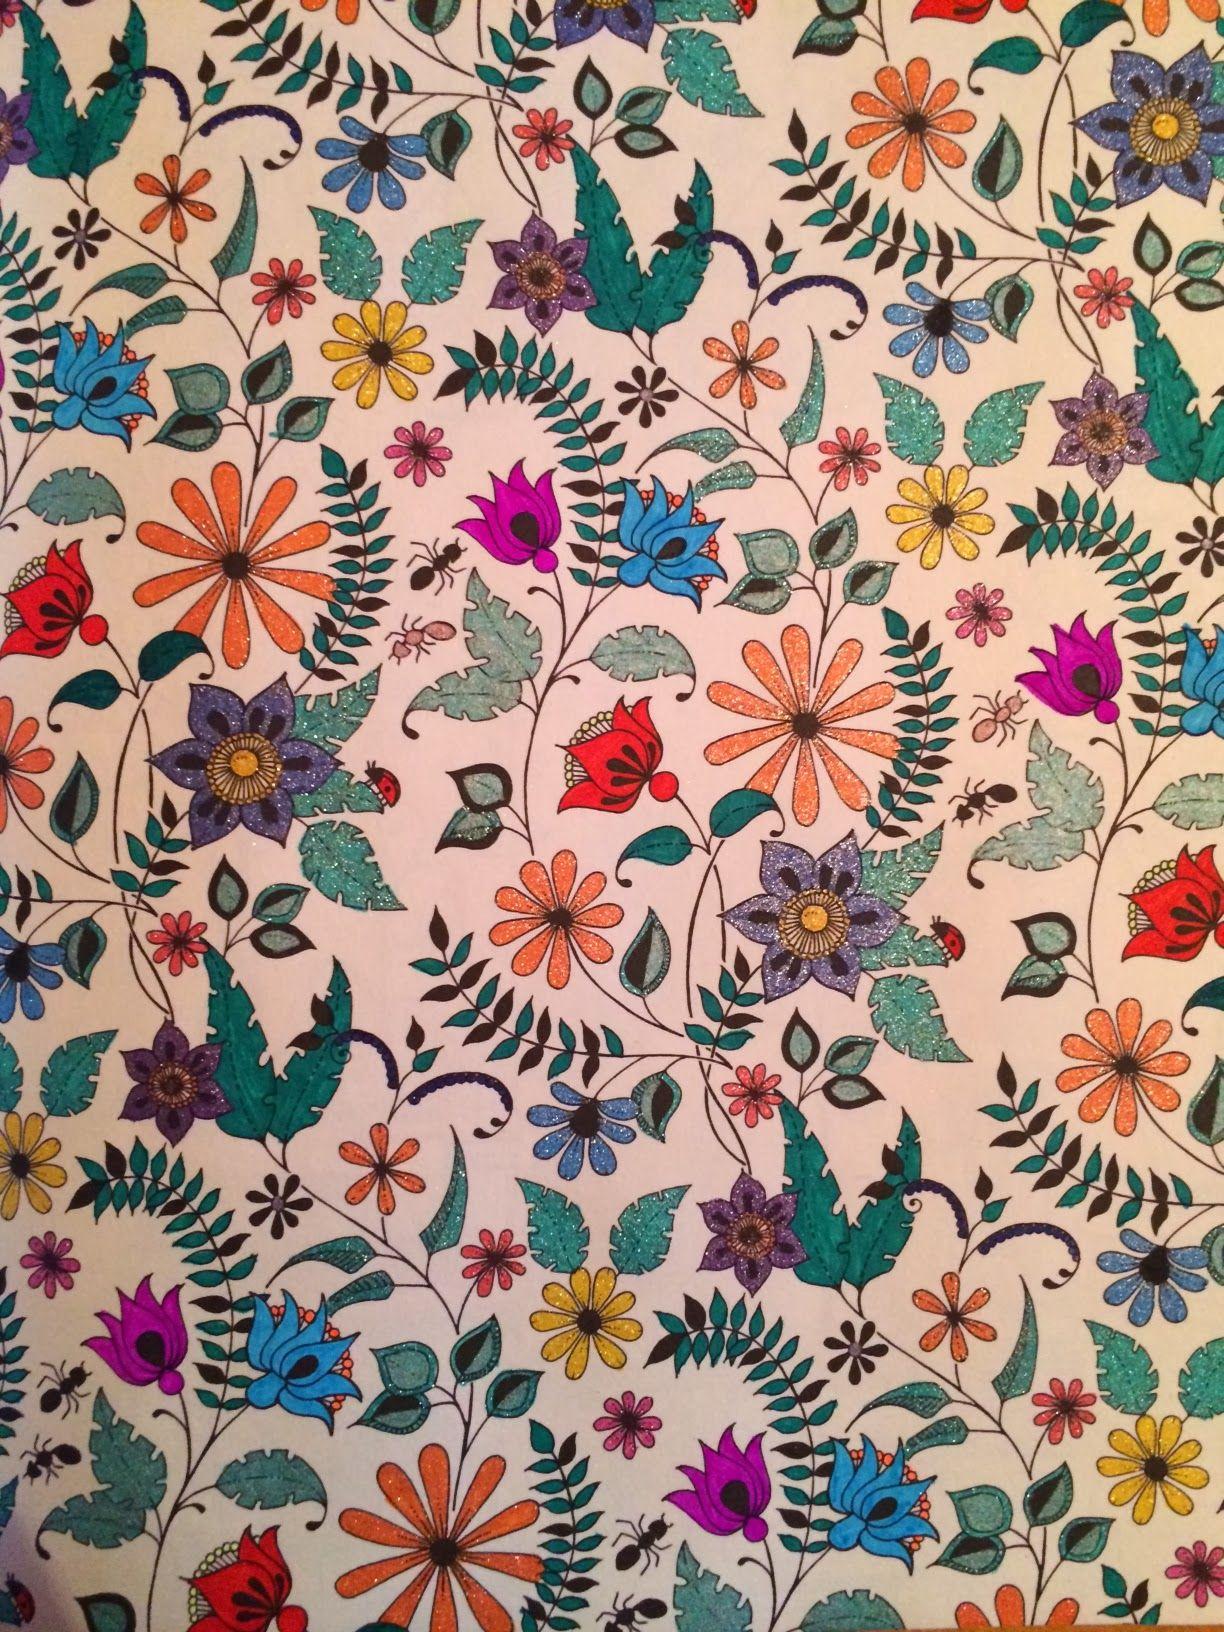 как раскрашивать раскраски | Secret garden coloring book ...